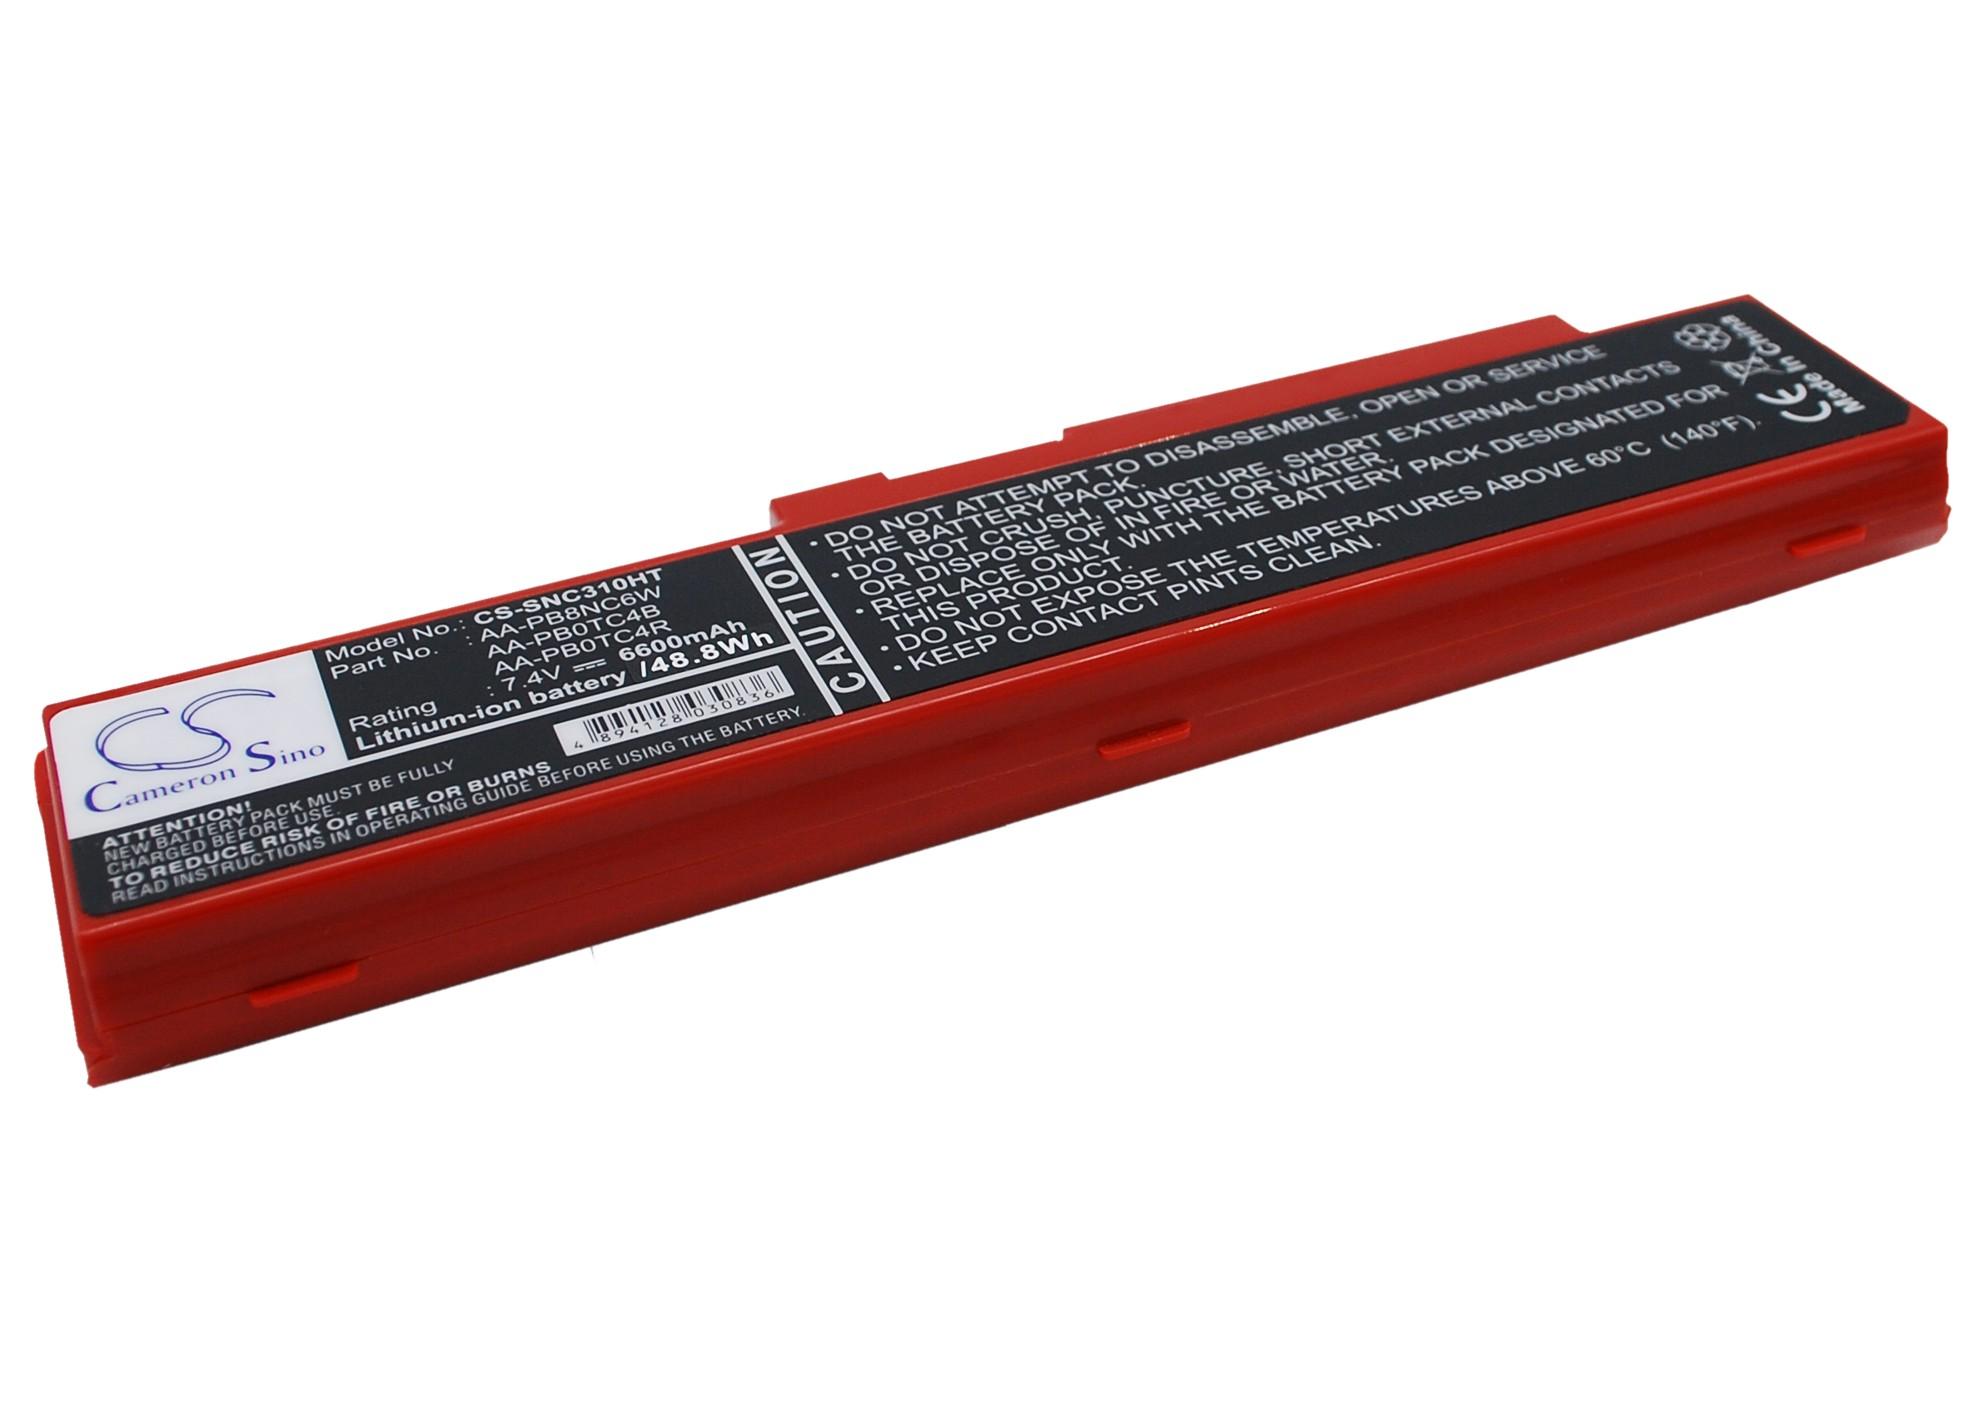 Cameron Sino baterie do netbooků pro SAMSUNG NP-X120-JA03 7.4V Li-ion 6600mAh červená - neoriginální